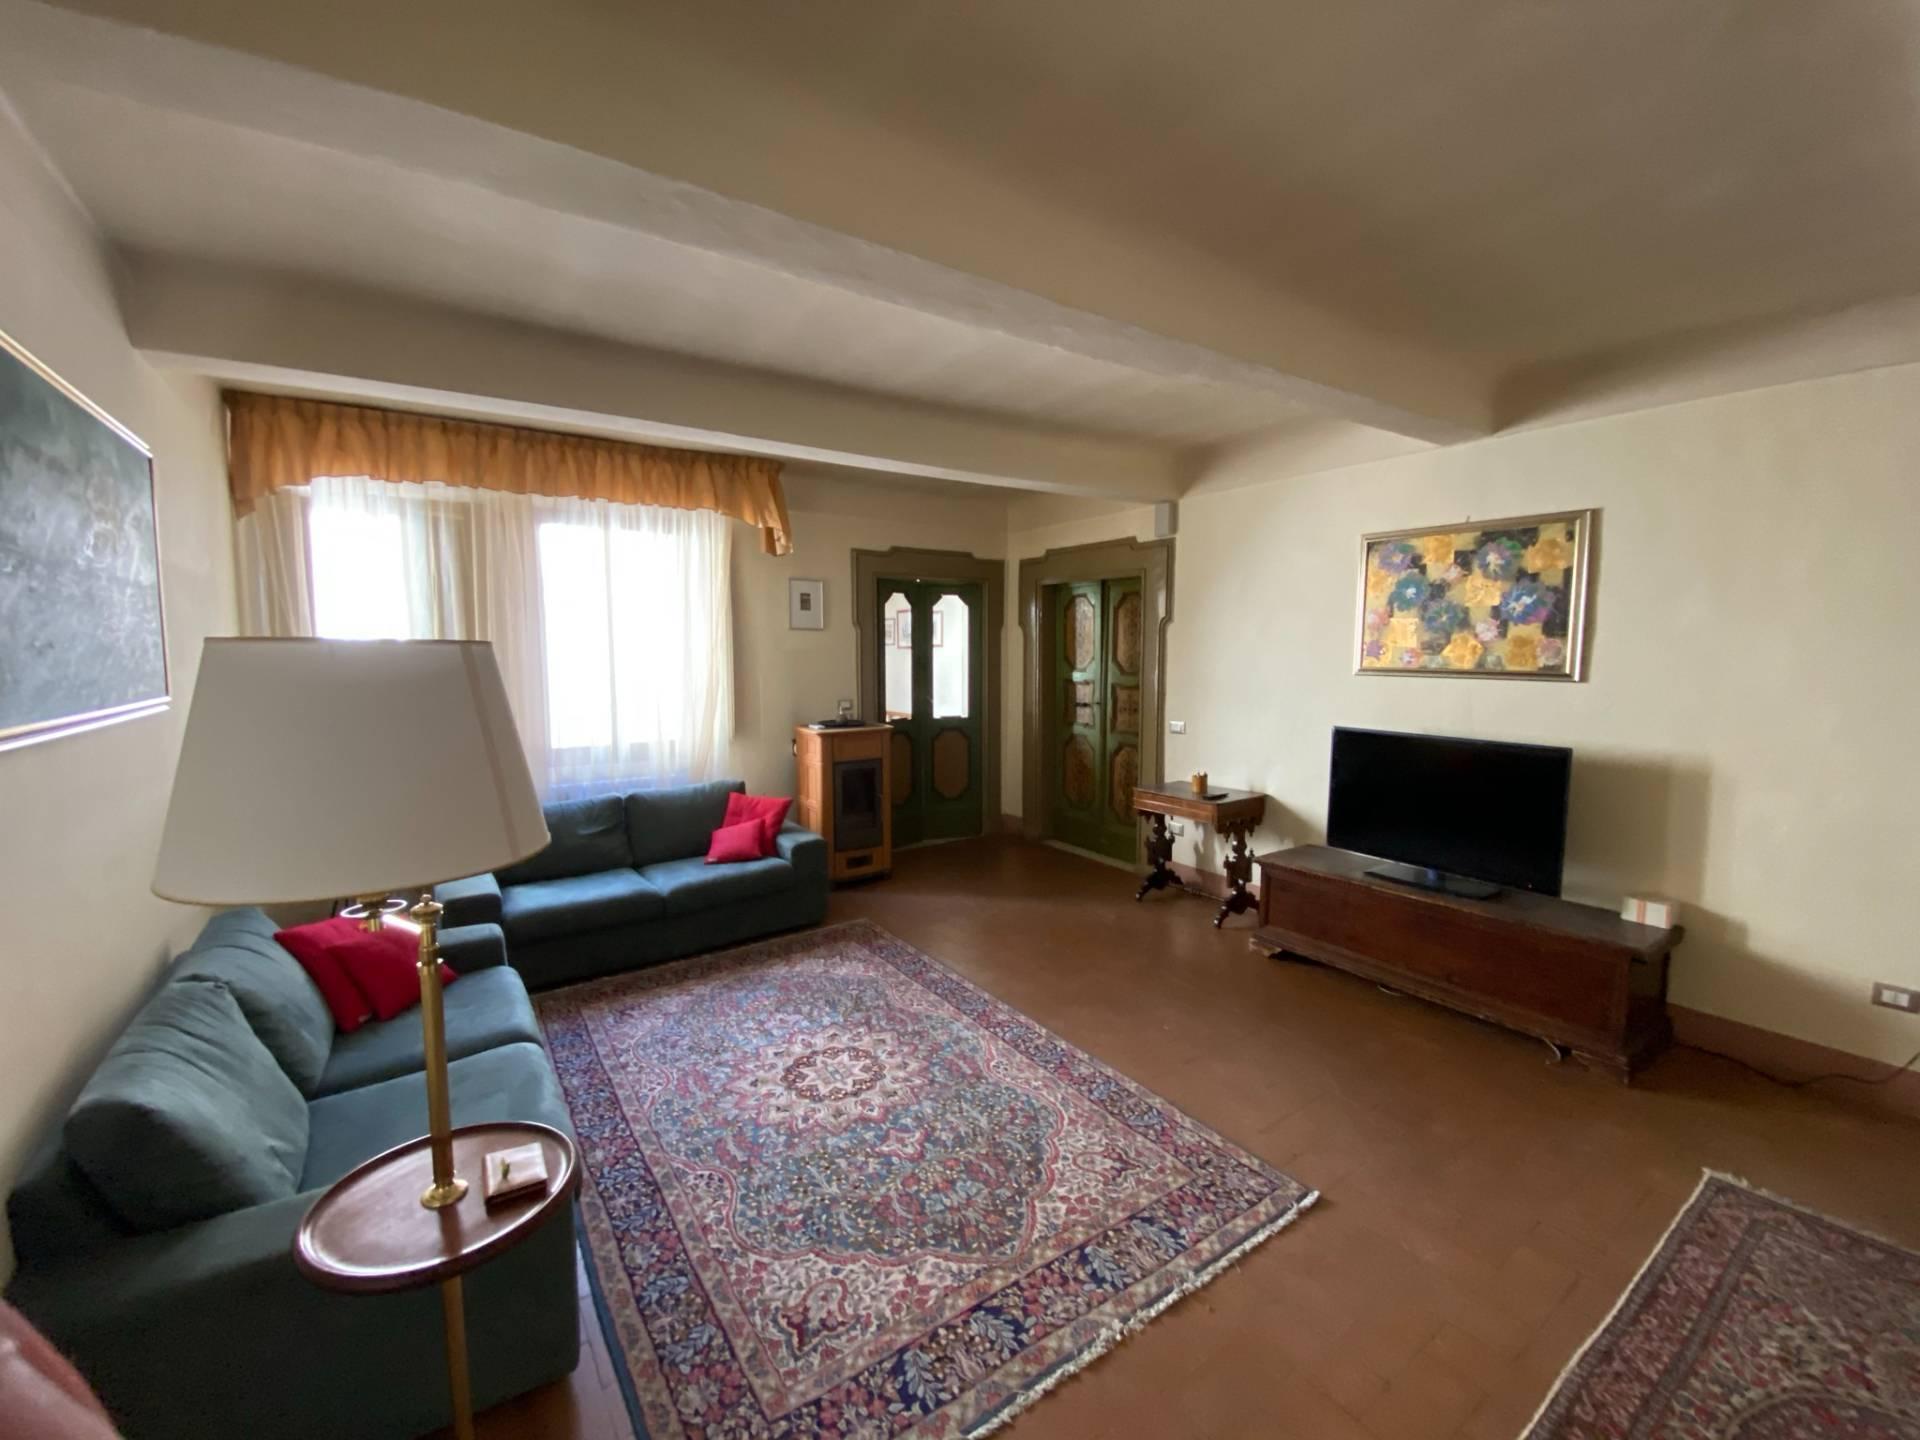 Appartamento a Pesaro (Pesaro Urbino) in Affitto